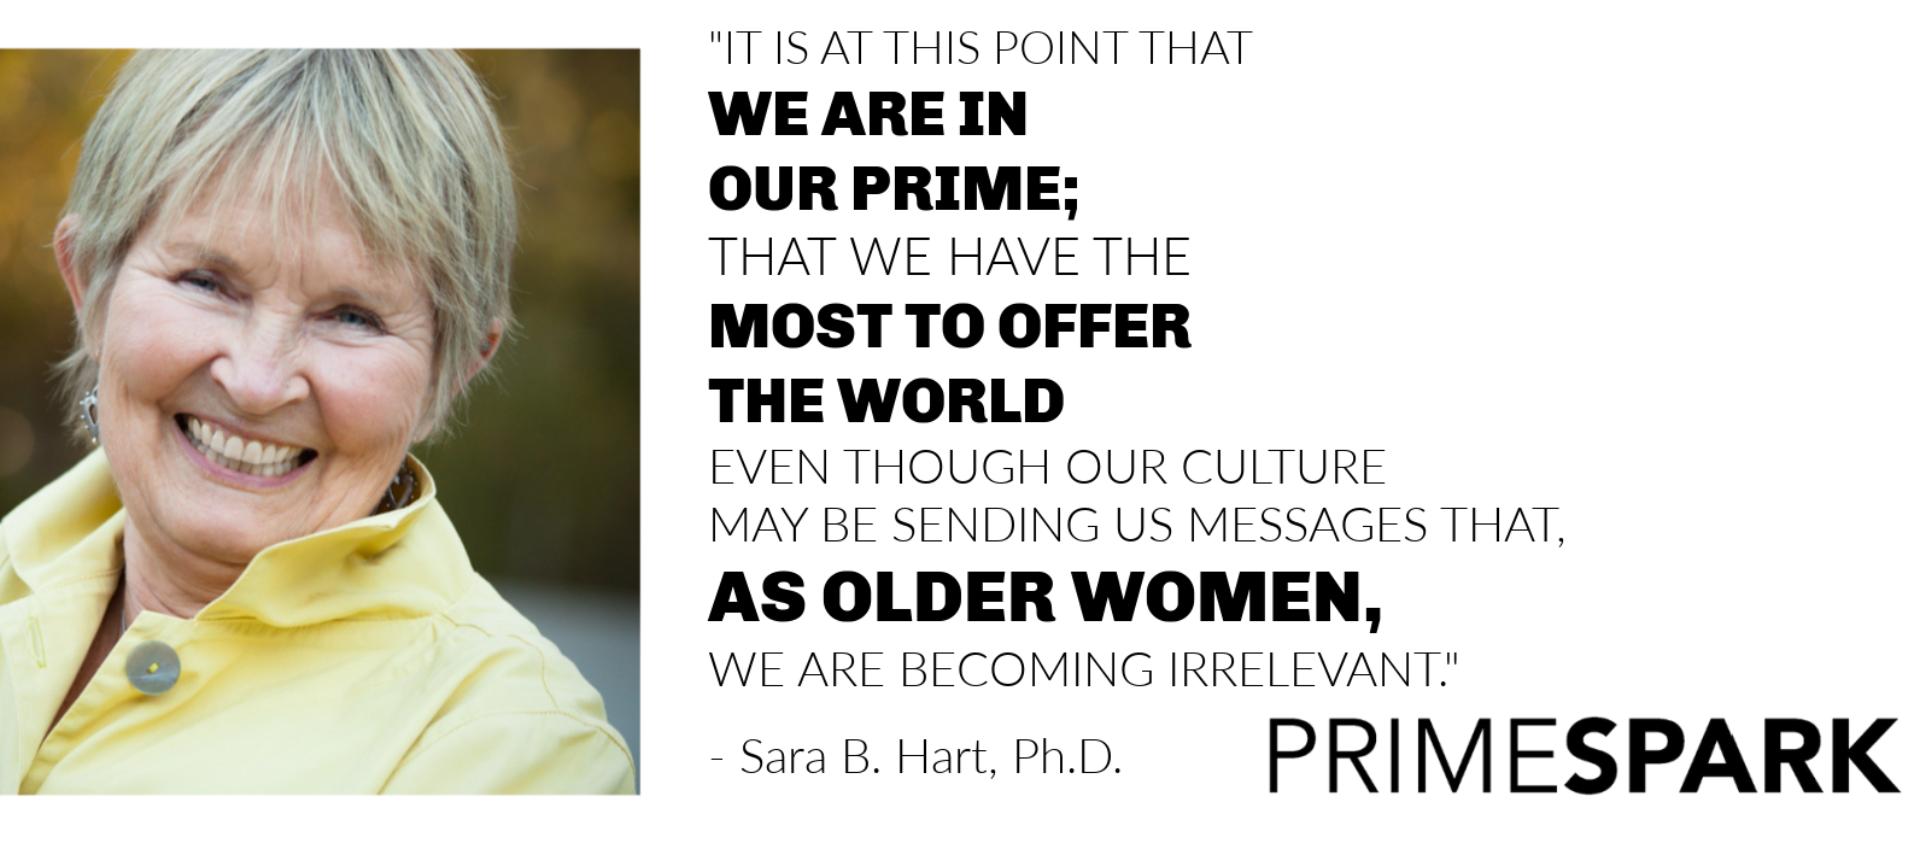 Sara B. Hart, Ph.D.